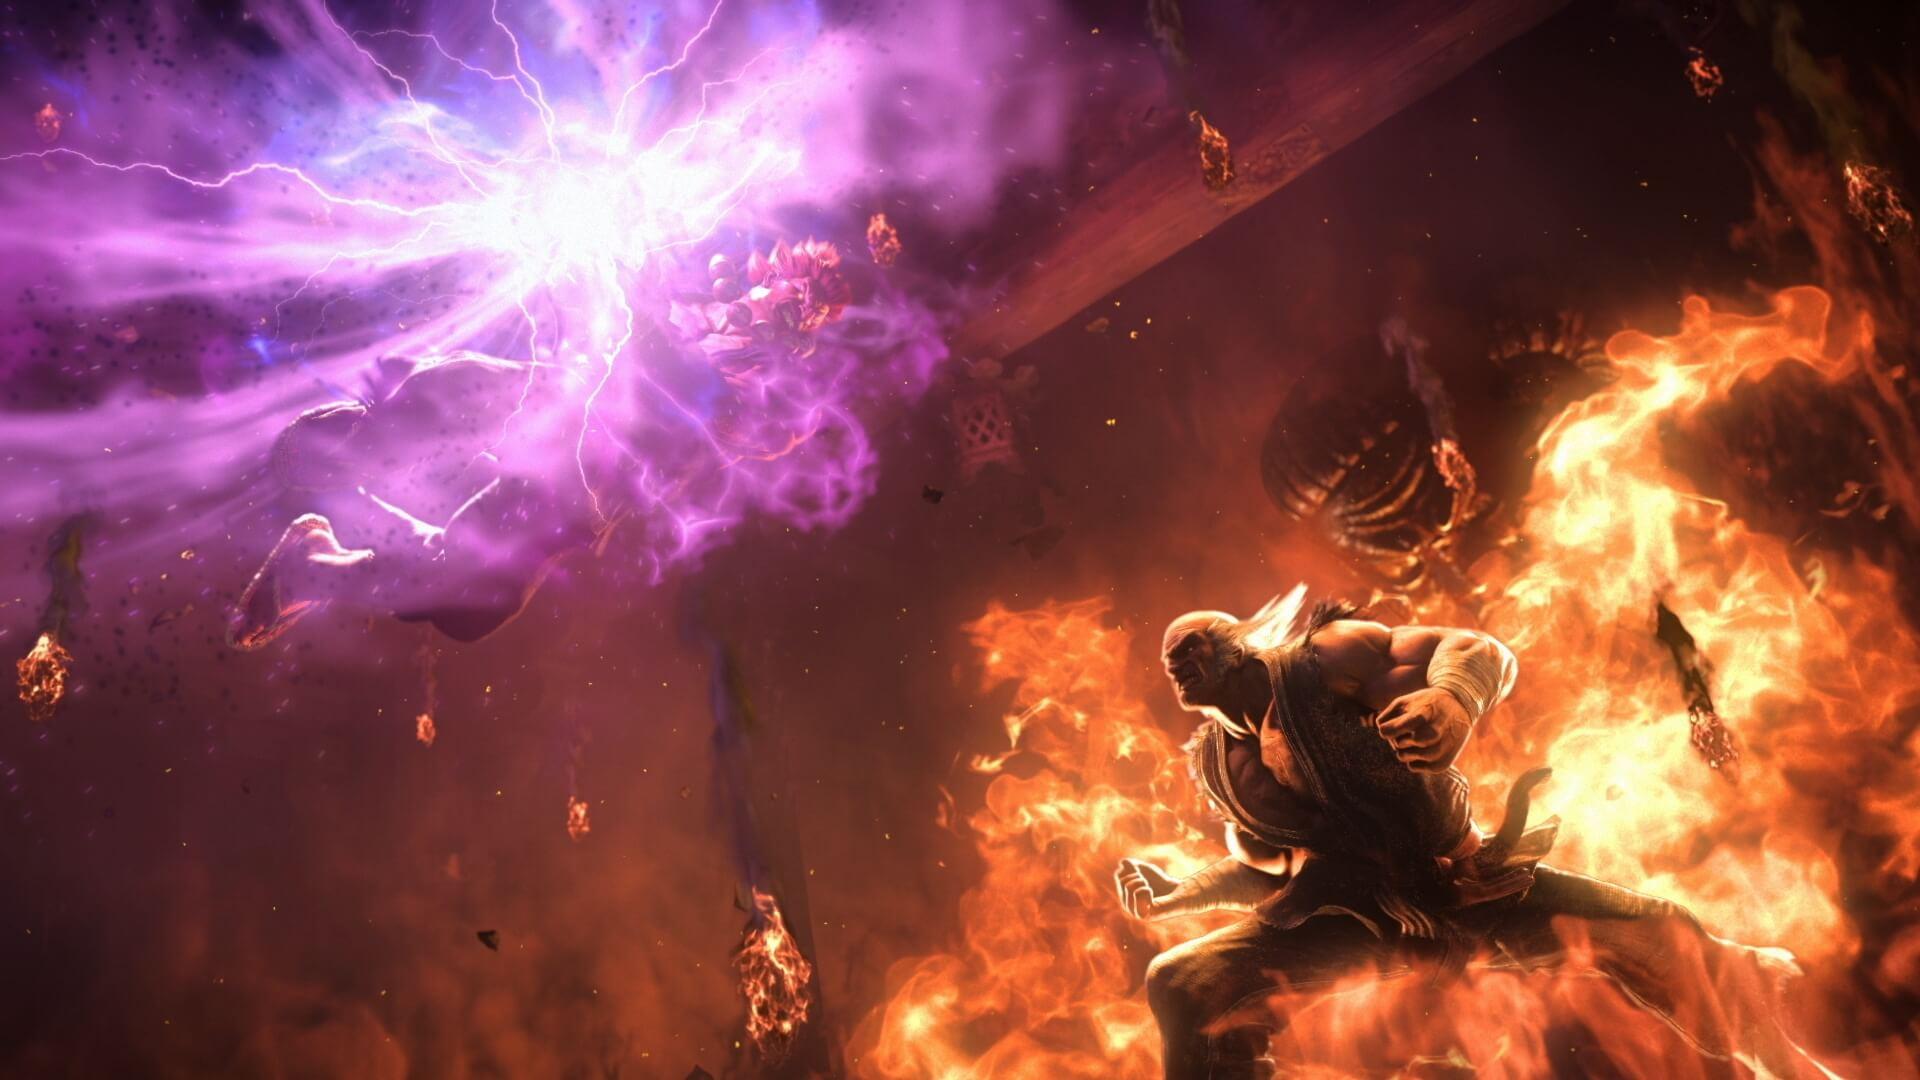 Akuma from Street Fighter is making a guest appearance in Tekken 7.